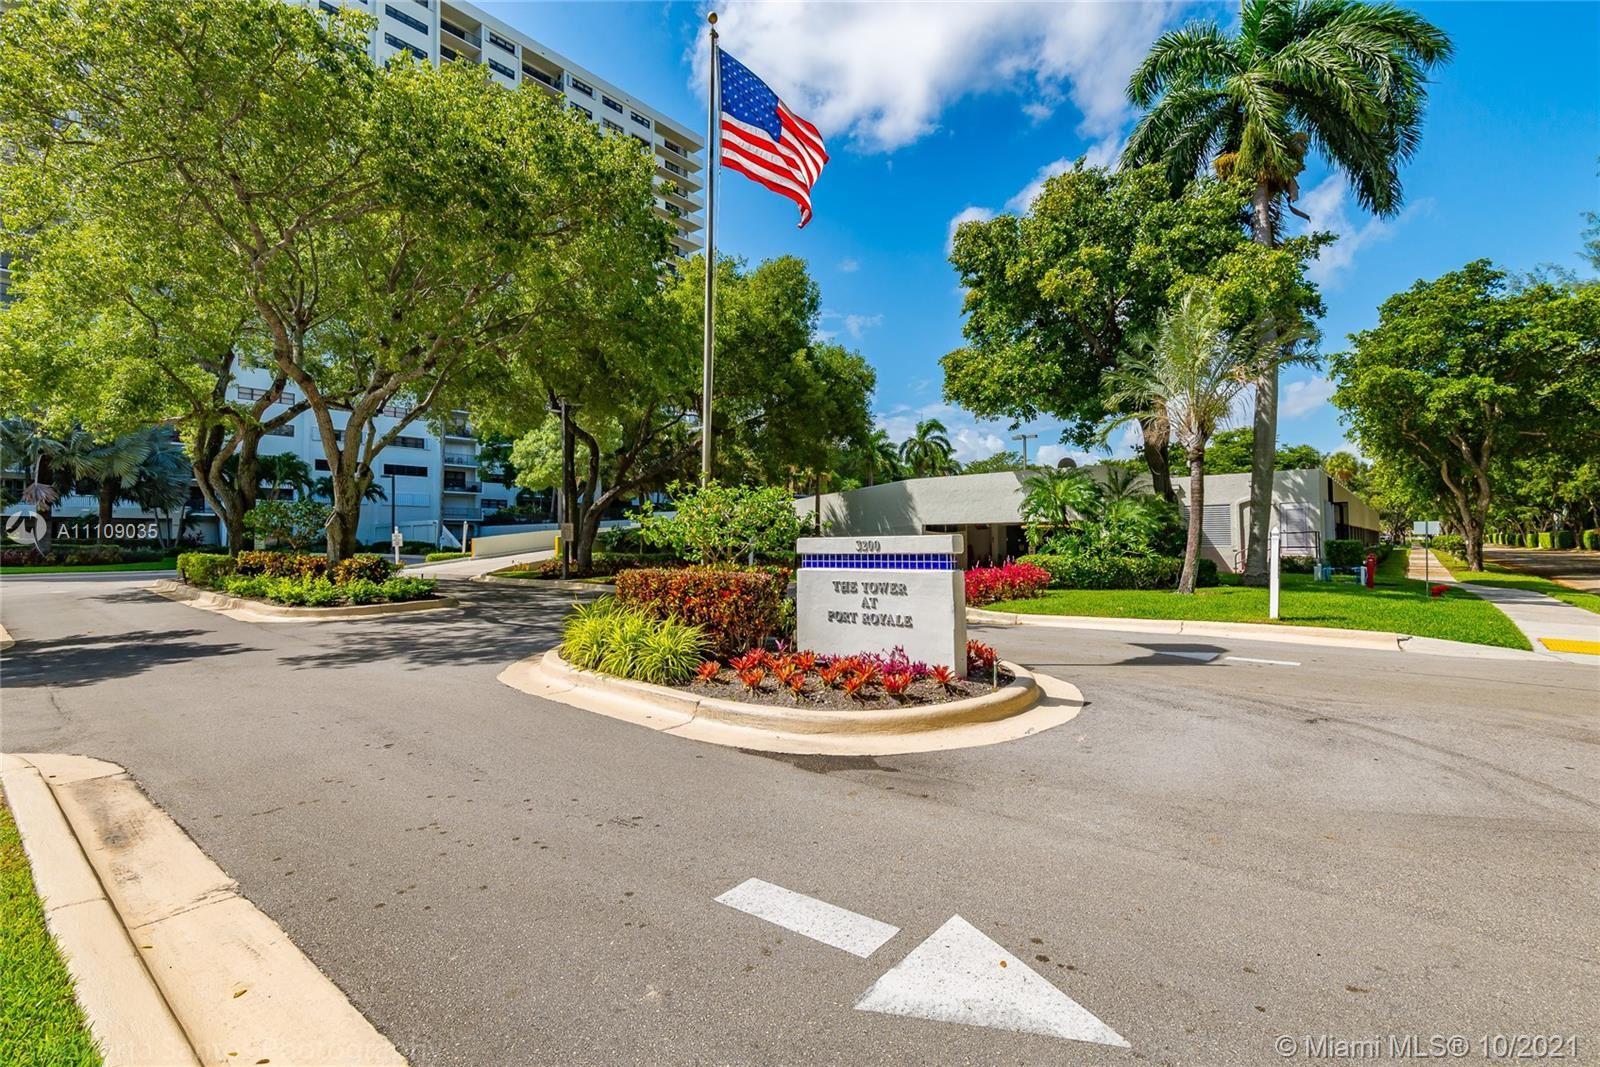 3200 N Port Royale Dr N #508, Fort Lauderdale, FL 33308 - #: A11109035